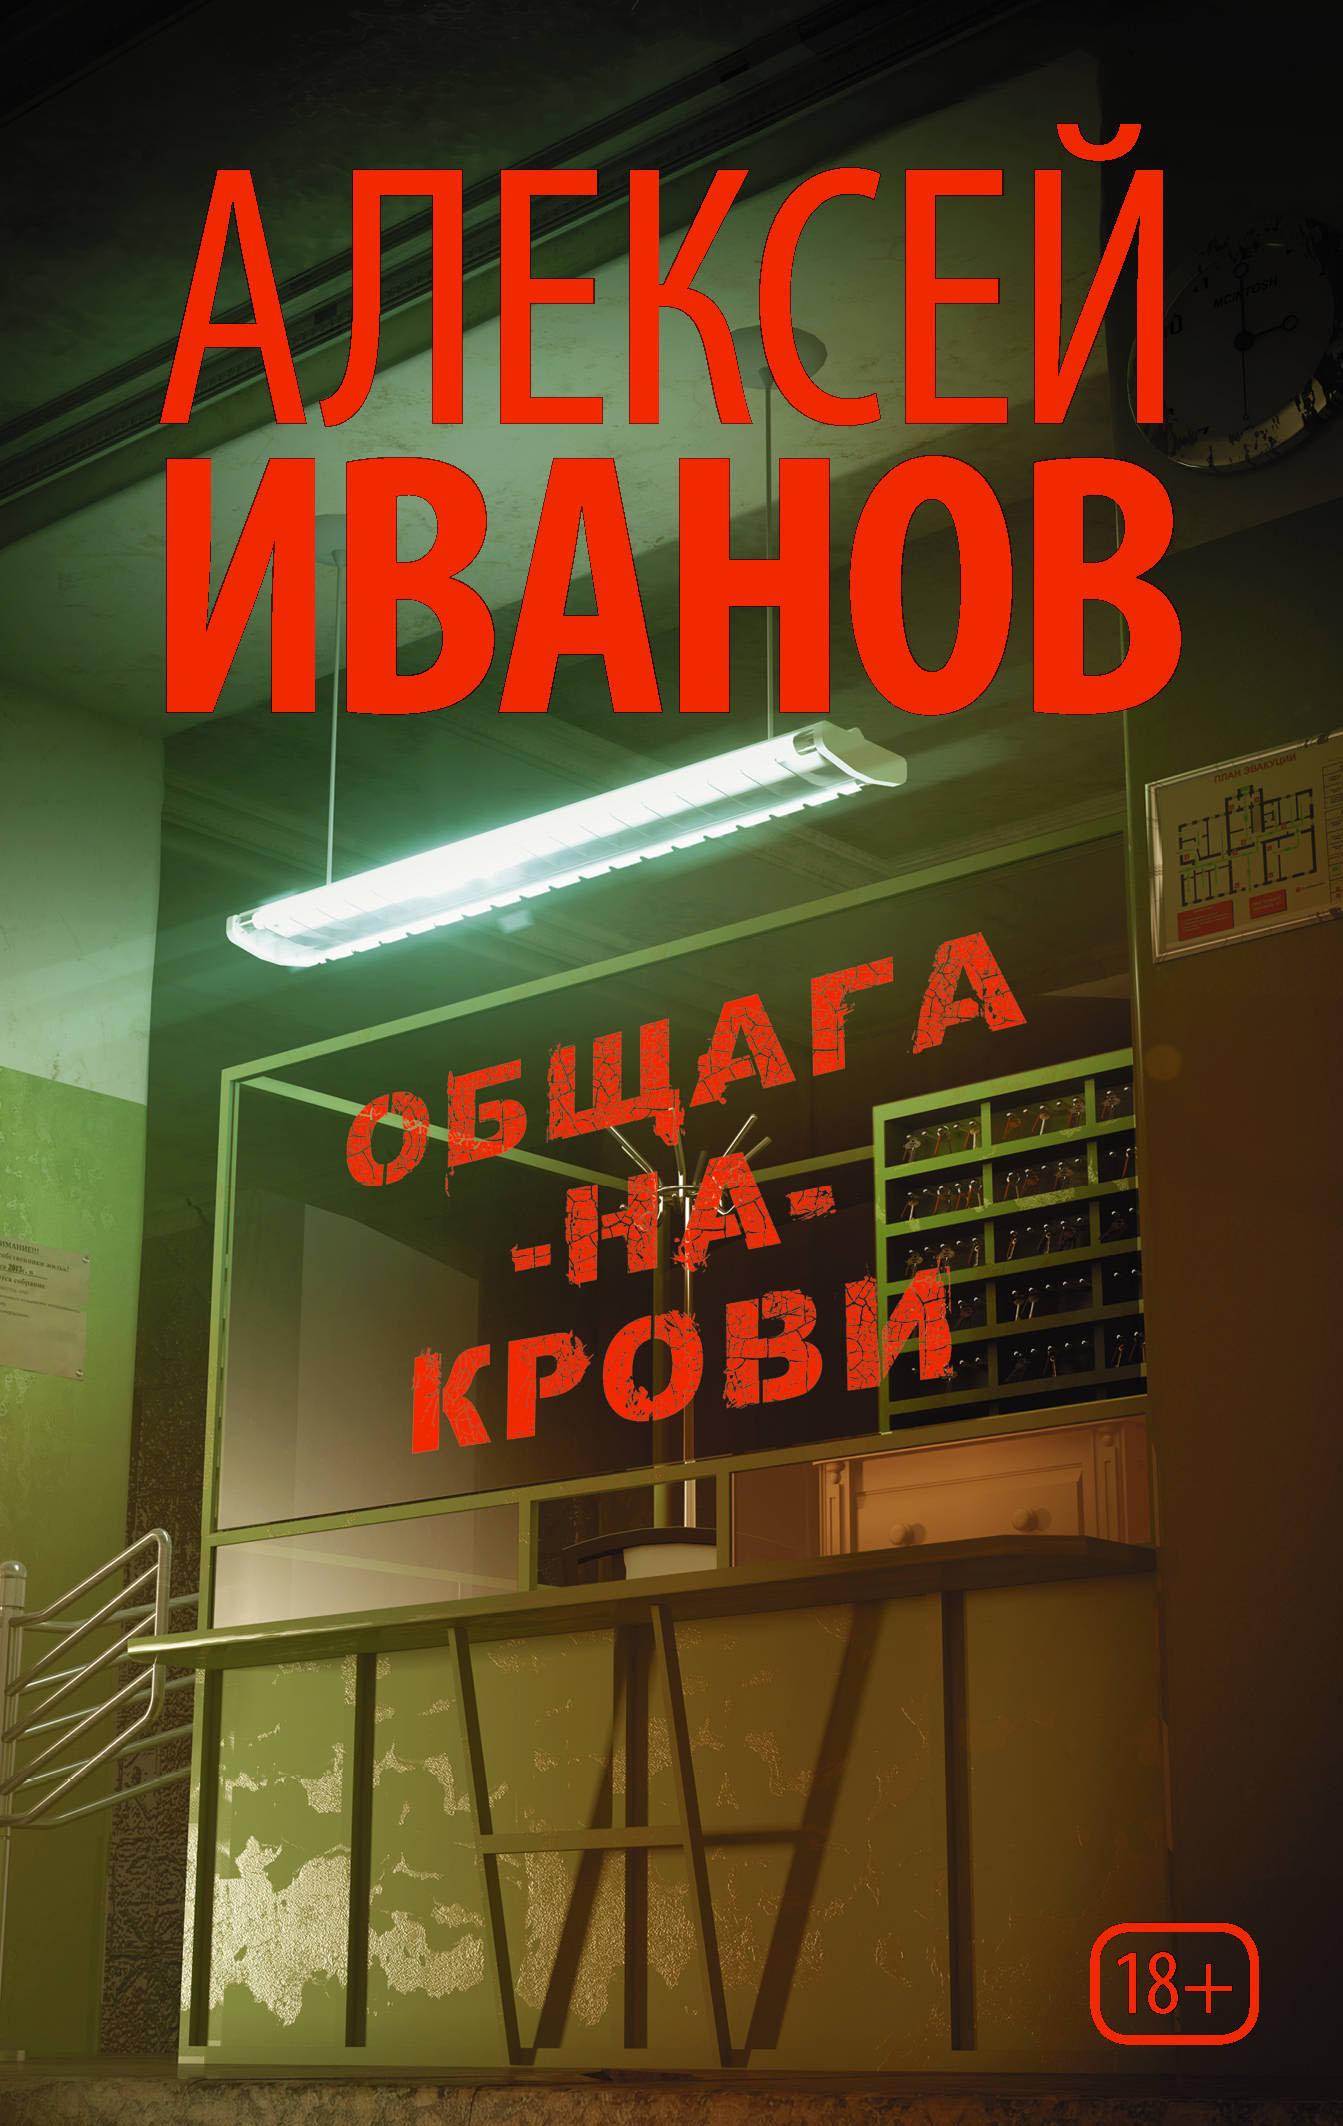 Общага на крови. Алексей Иванов